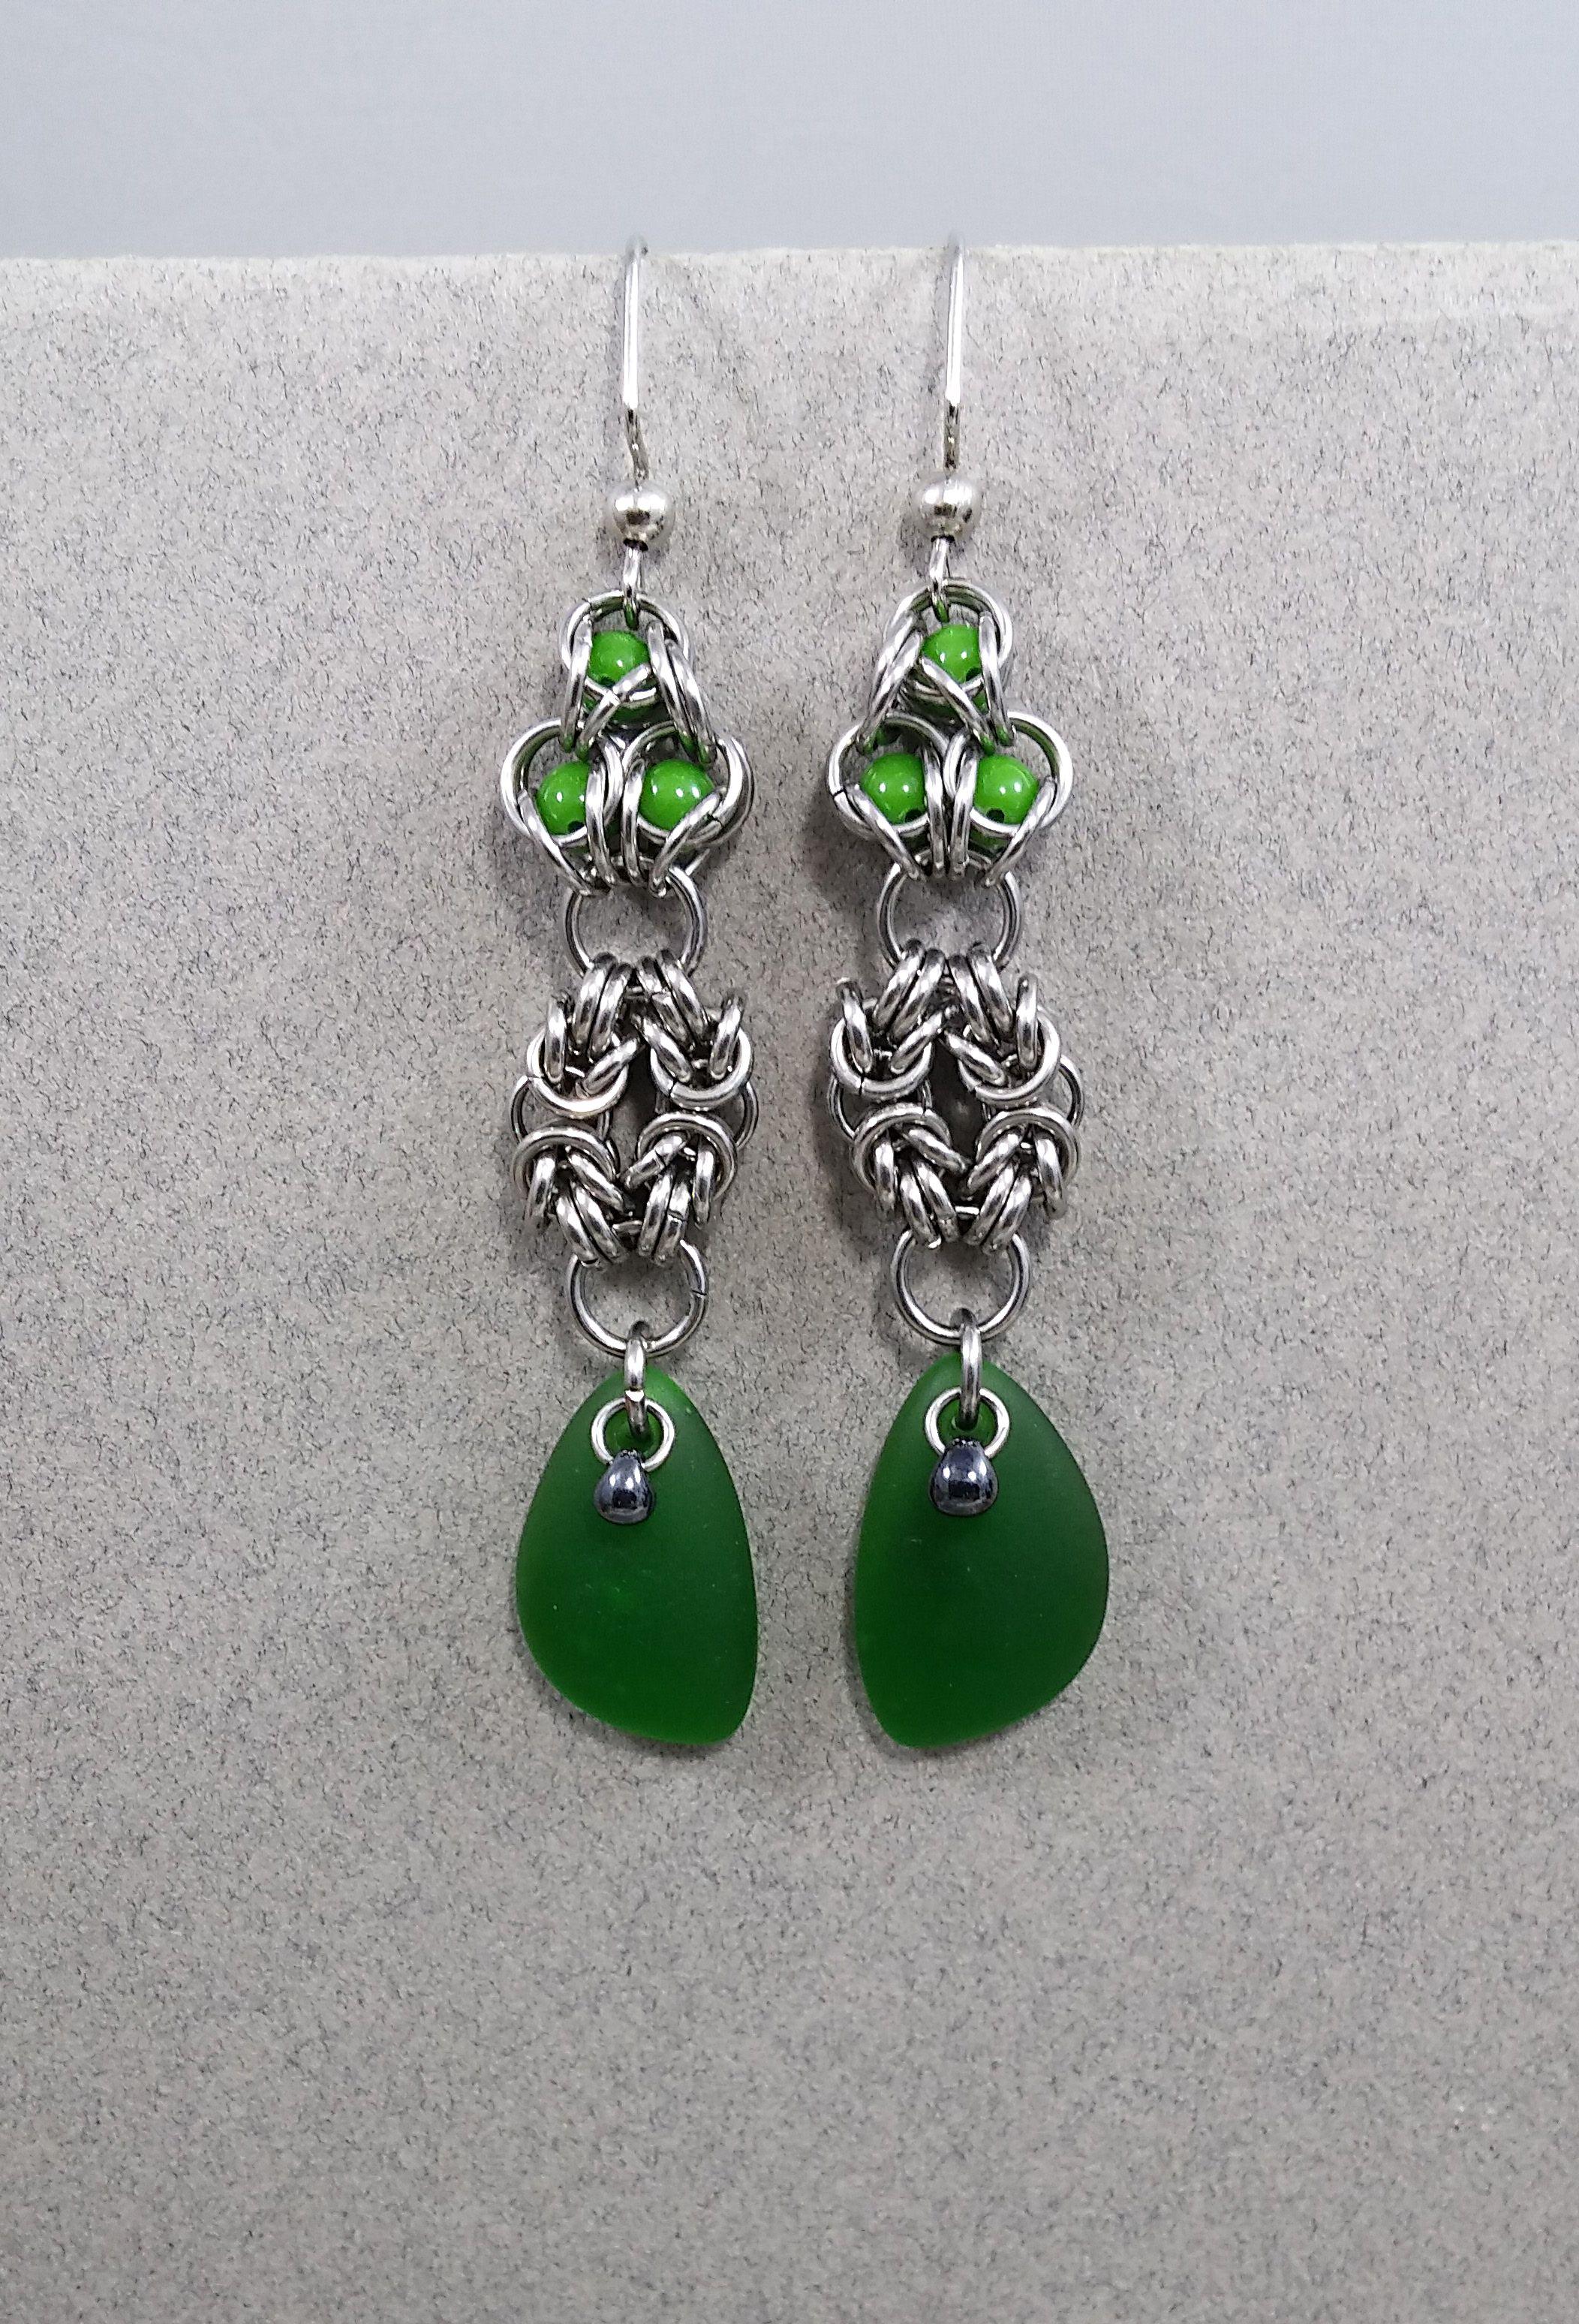 earrings green chainmail steel longearrings seaglass byzantine